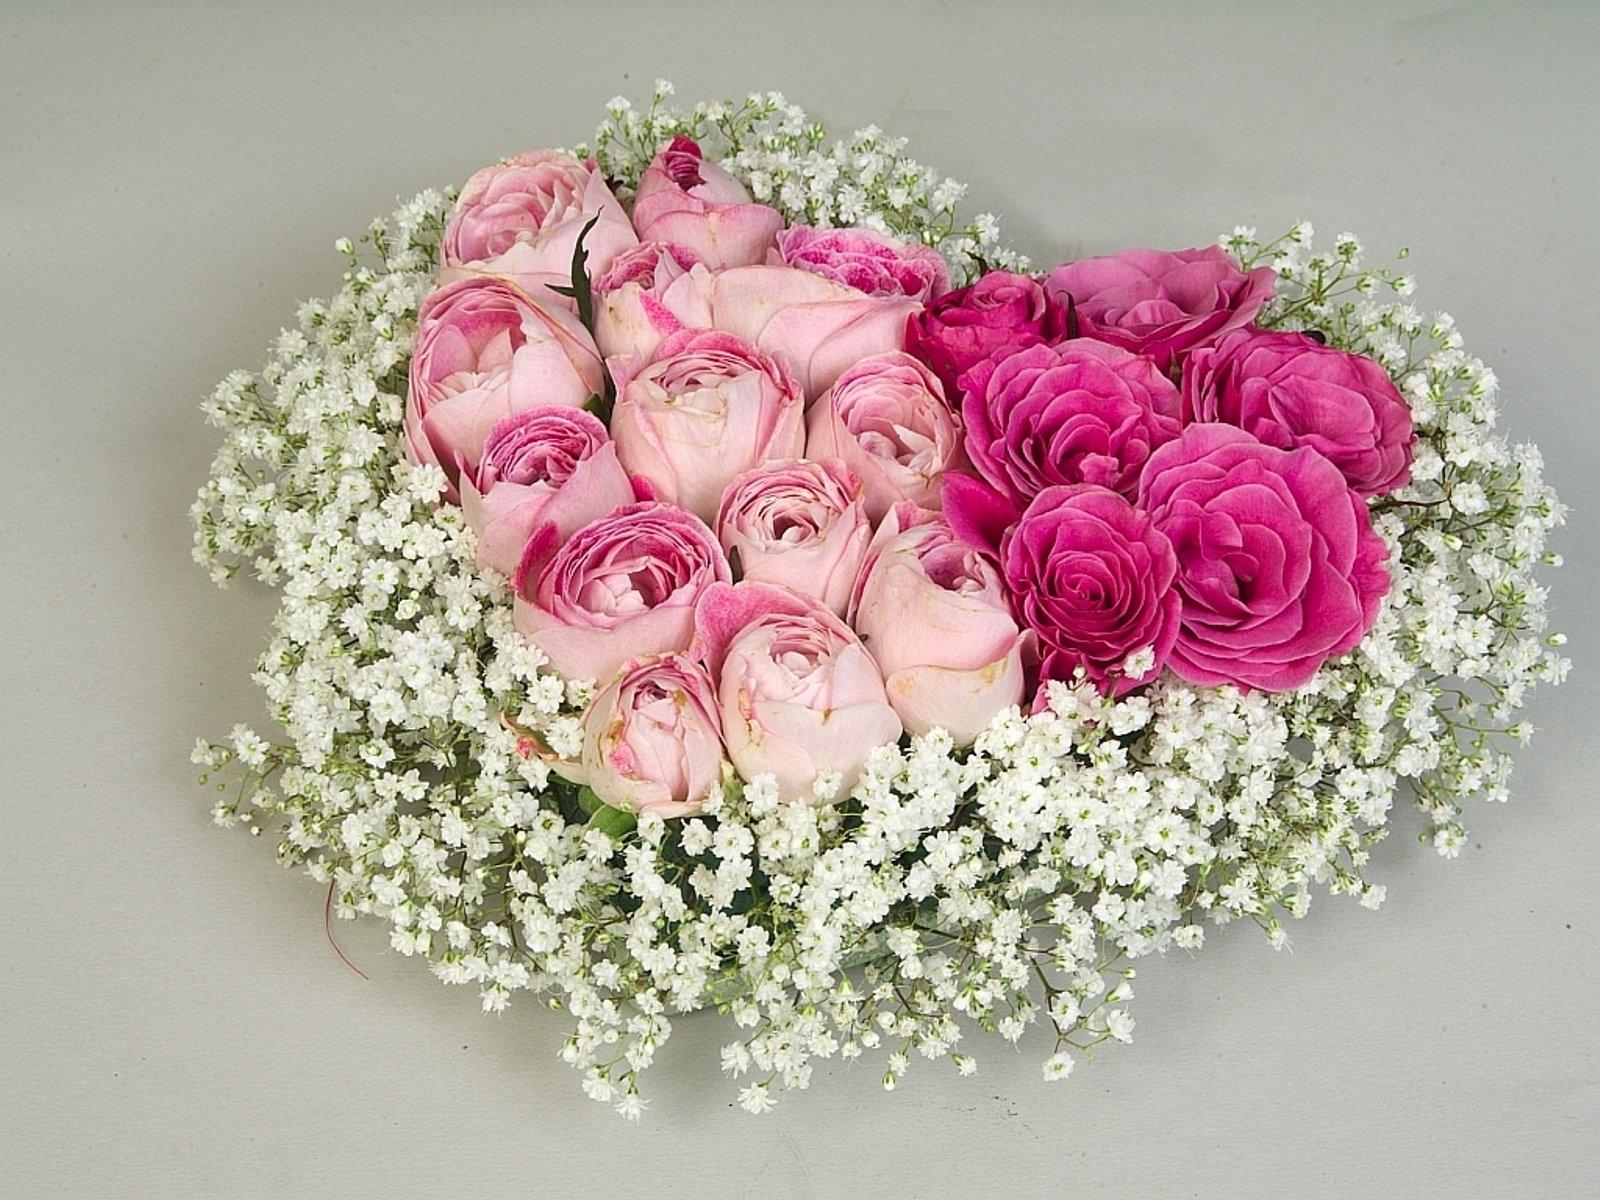 розы,желтые,букет,гипсофила,бутоны  № 761879 бесплатно